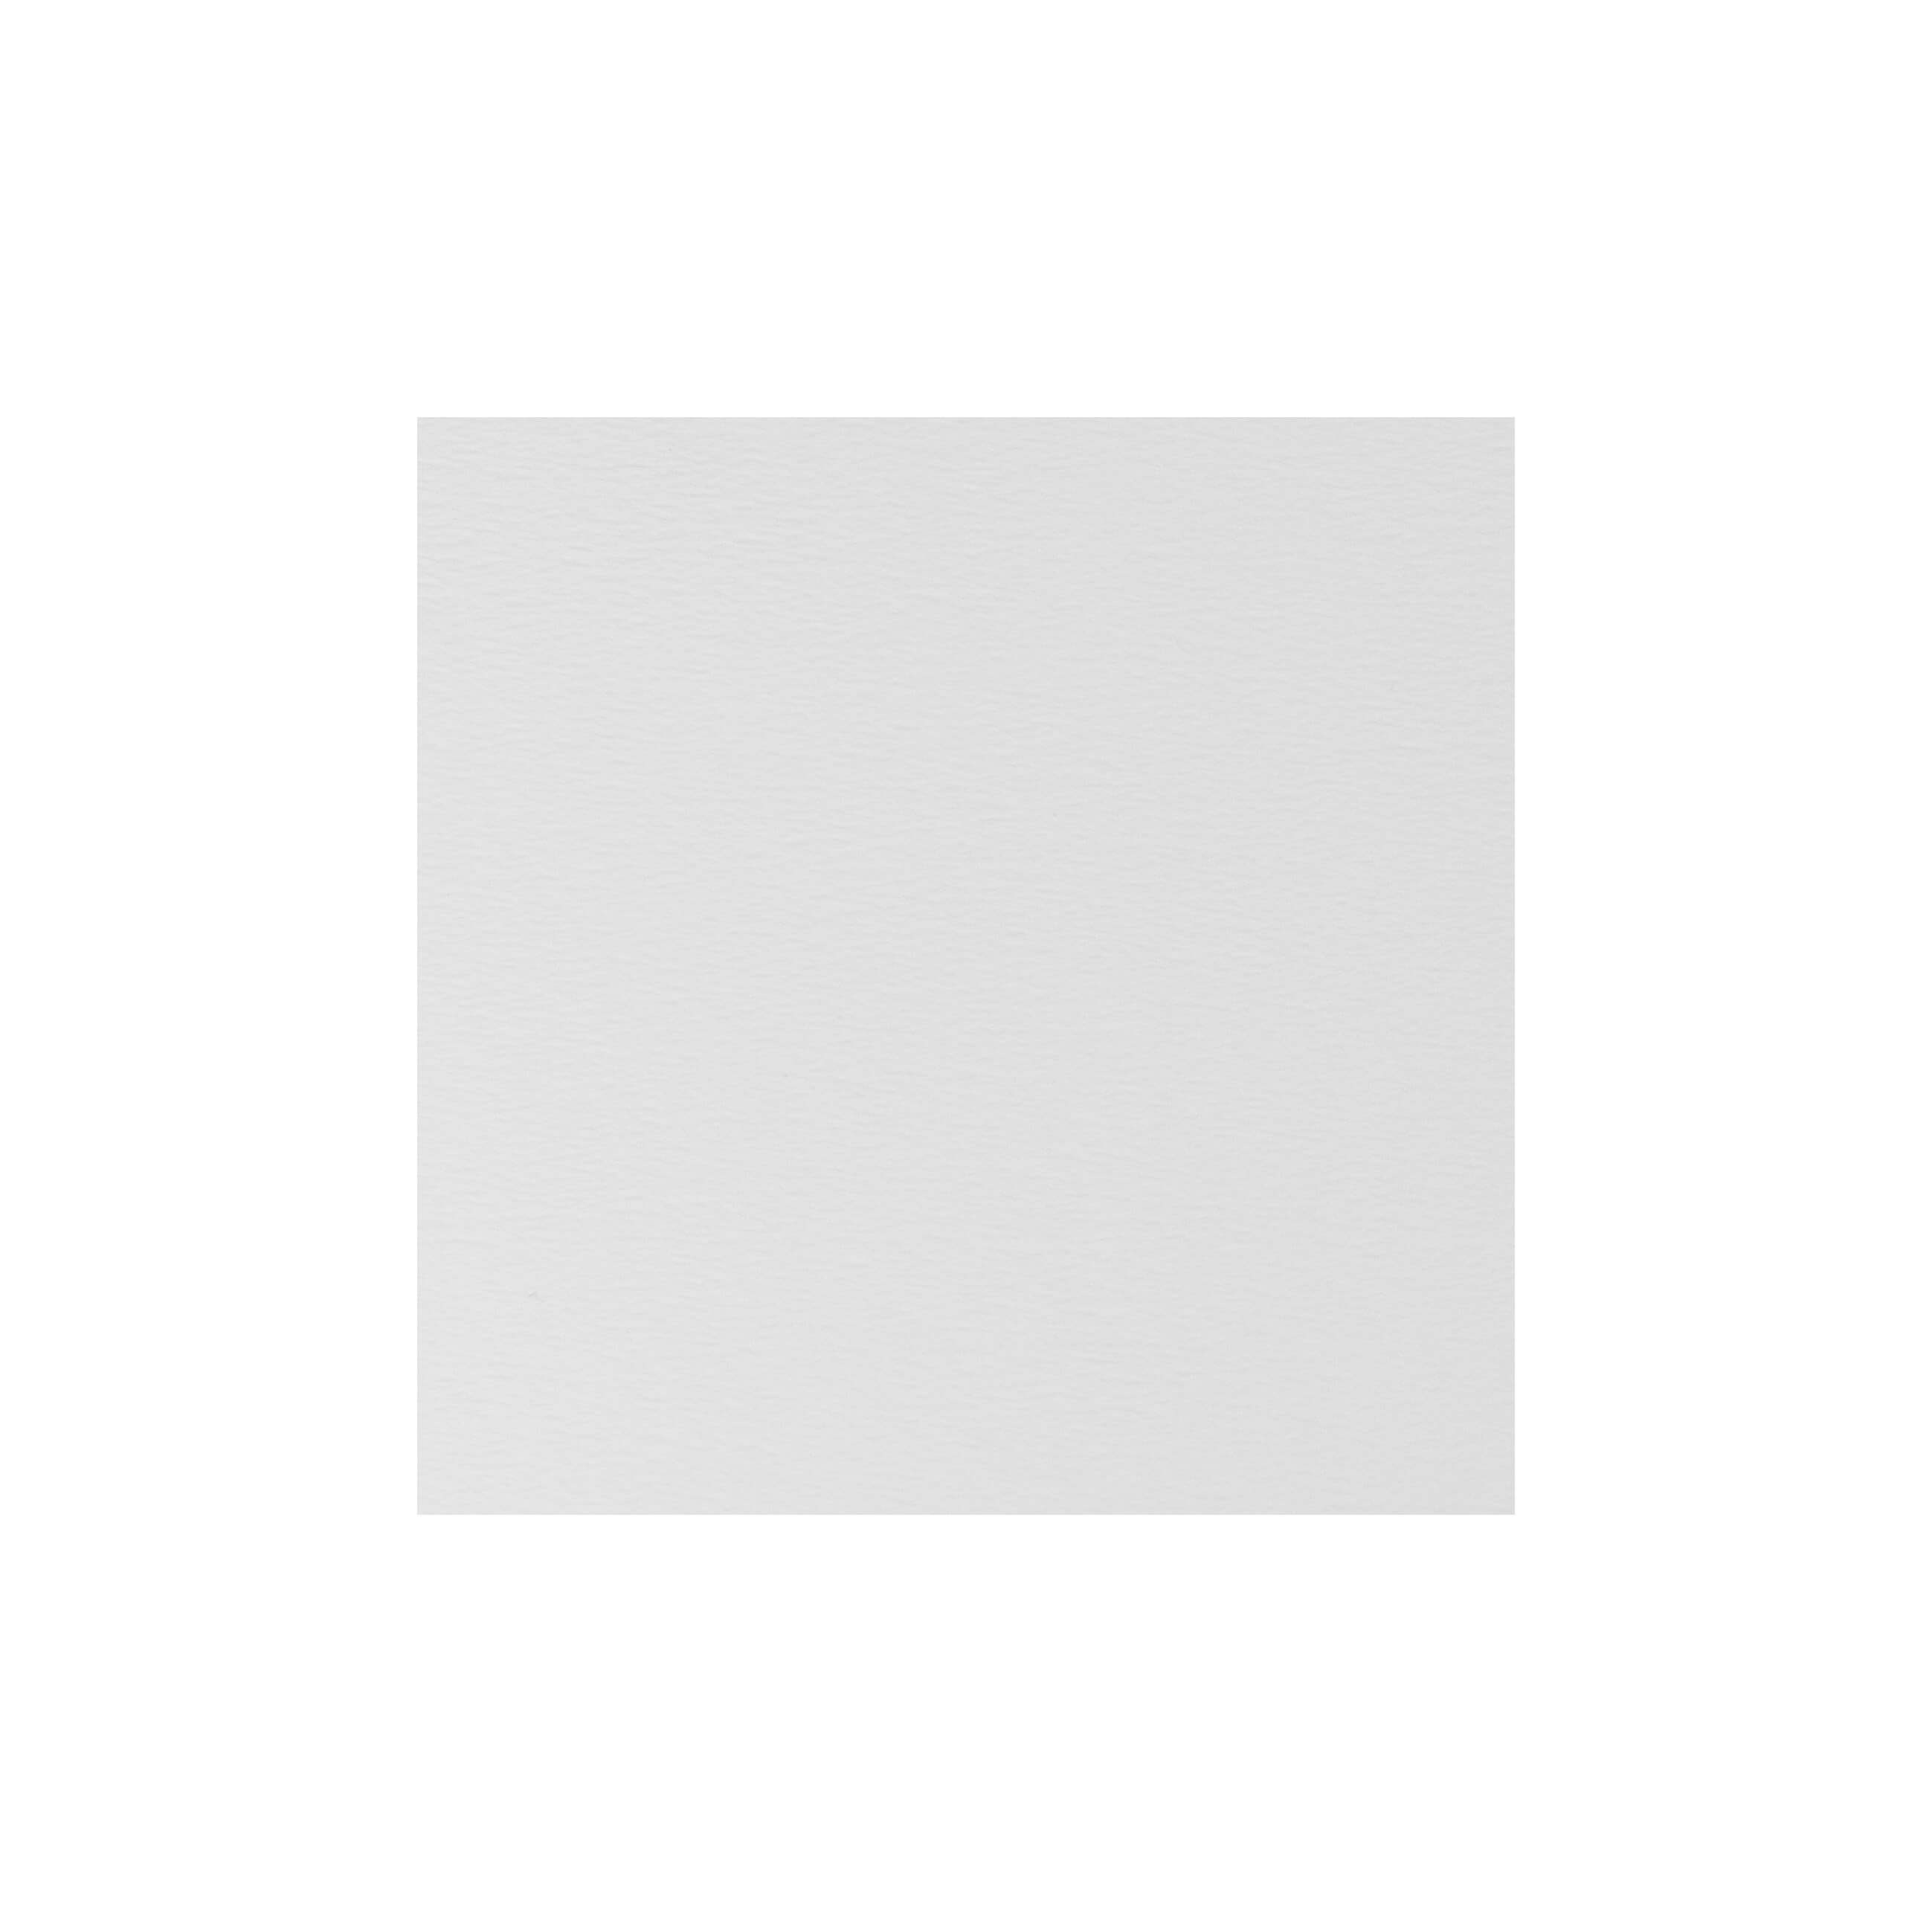 Cardstock 125mm Square - Antique White